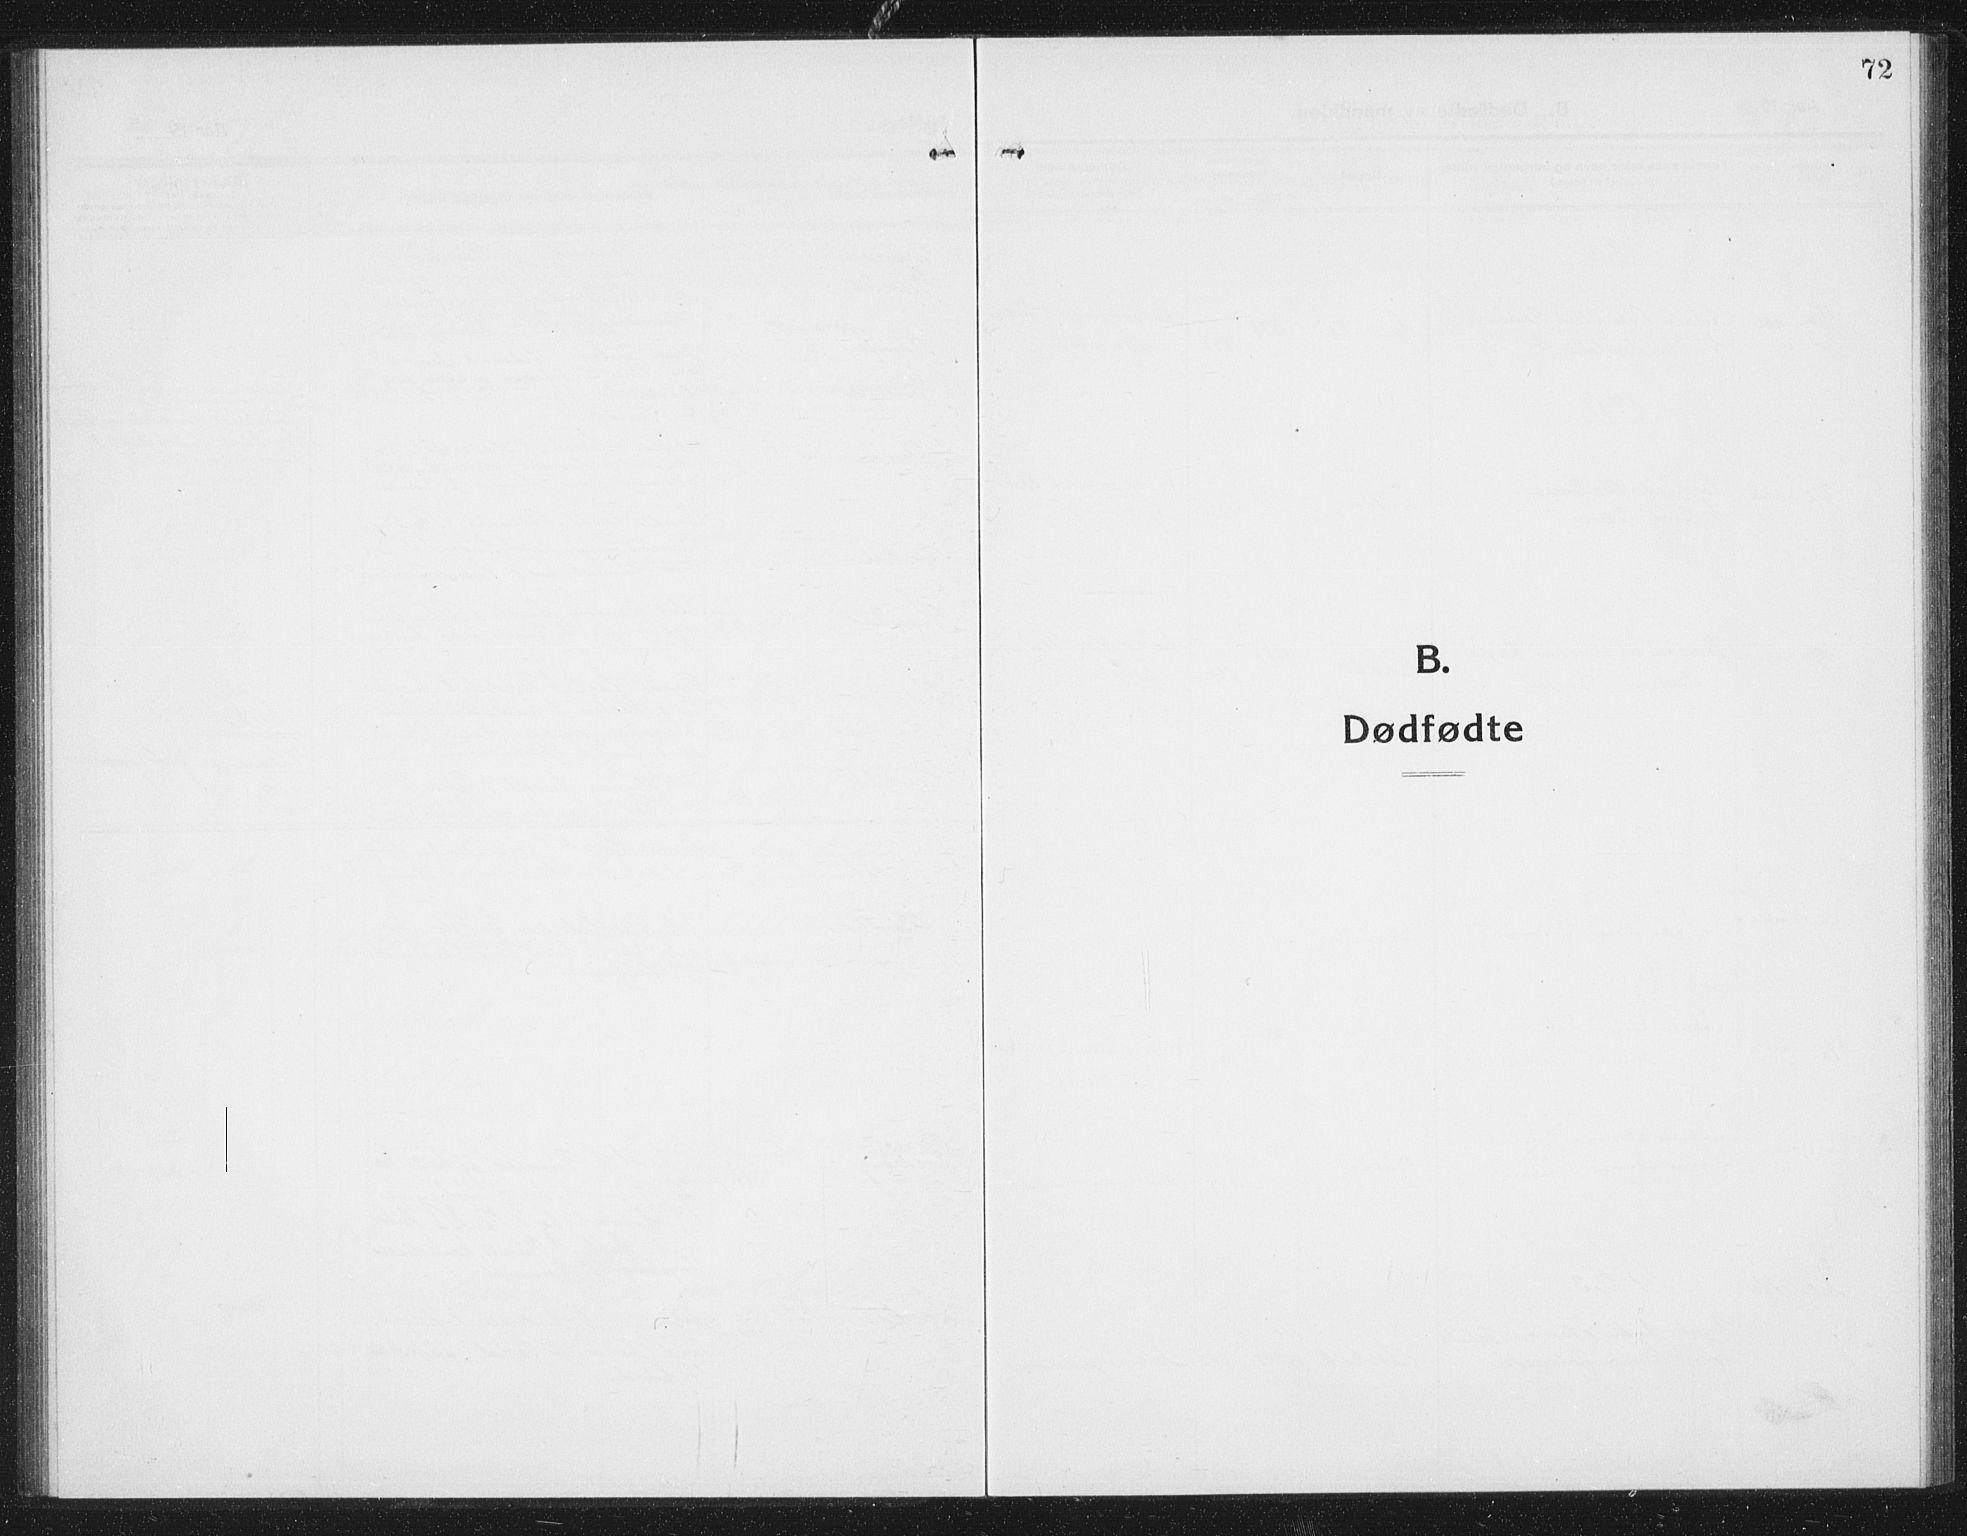 SAT, Ministerialprotokoller, klokkerbøker og fødselsregistre - Sør-Trøndelag, 675/L0888: Klokkerbok nr. 675C01, 1913-1935, s. 72